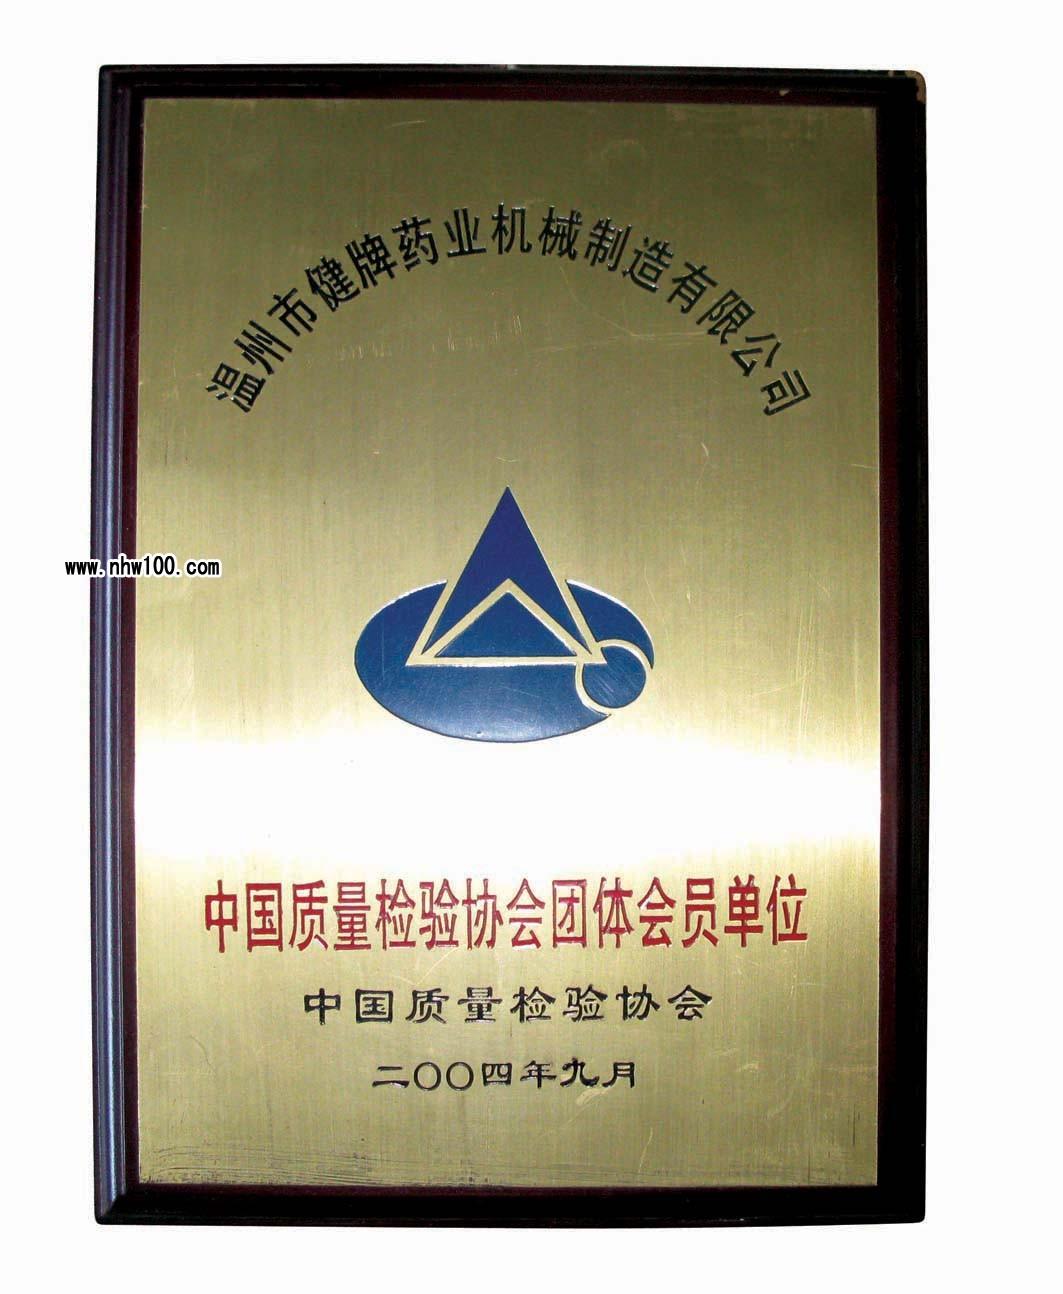 中國質量檢驗協會團體會員單位